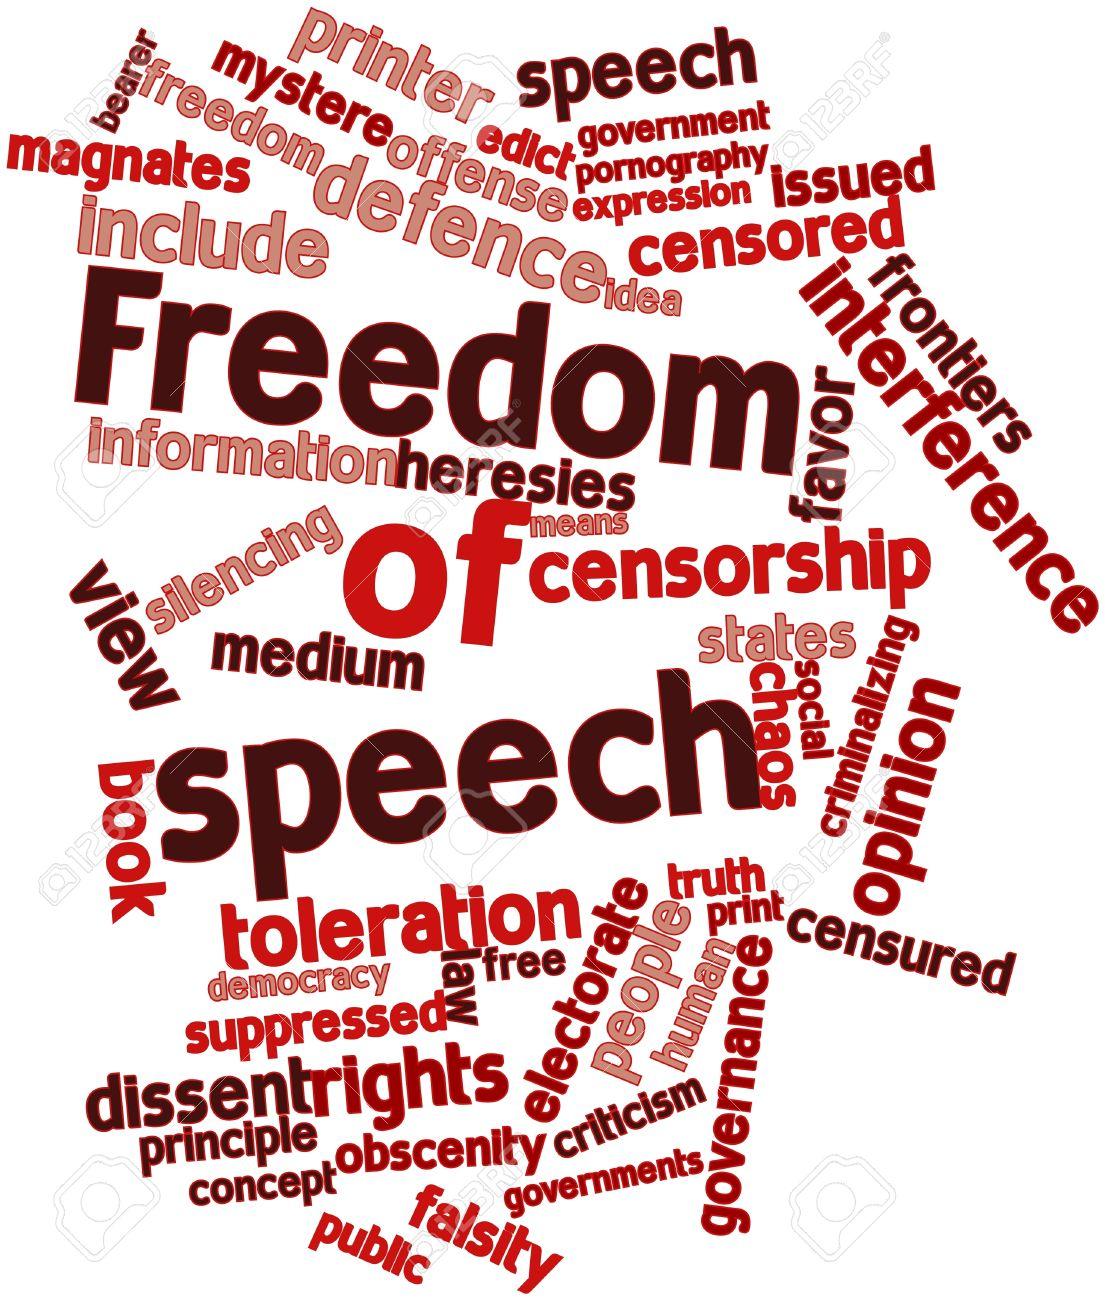 関連タグと用語と言論の自由のた...